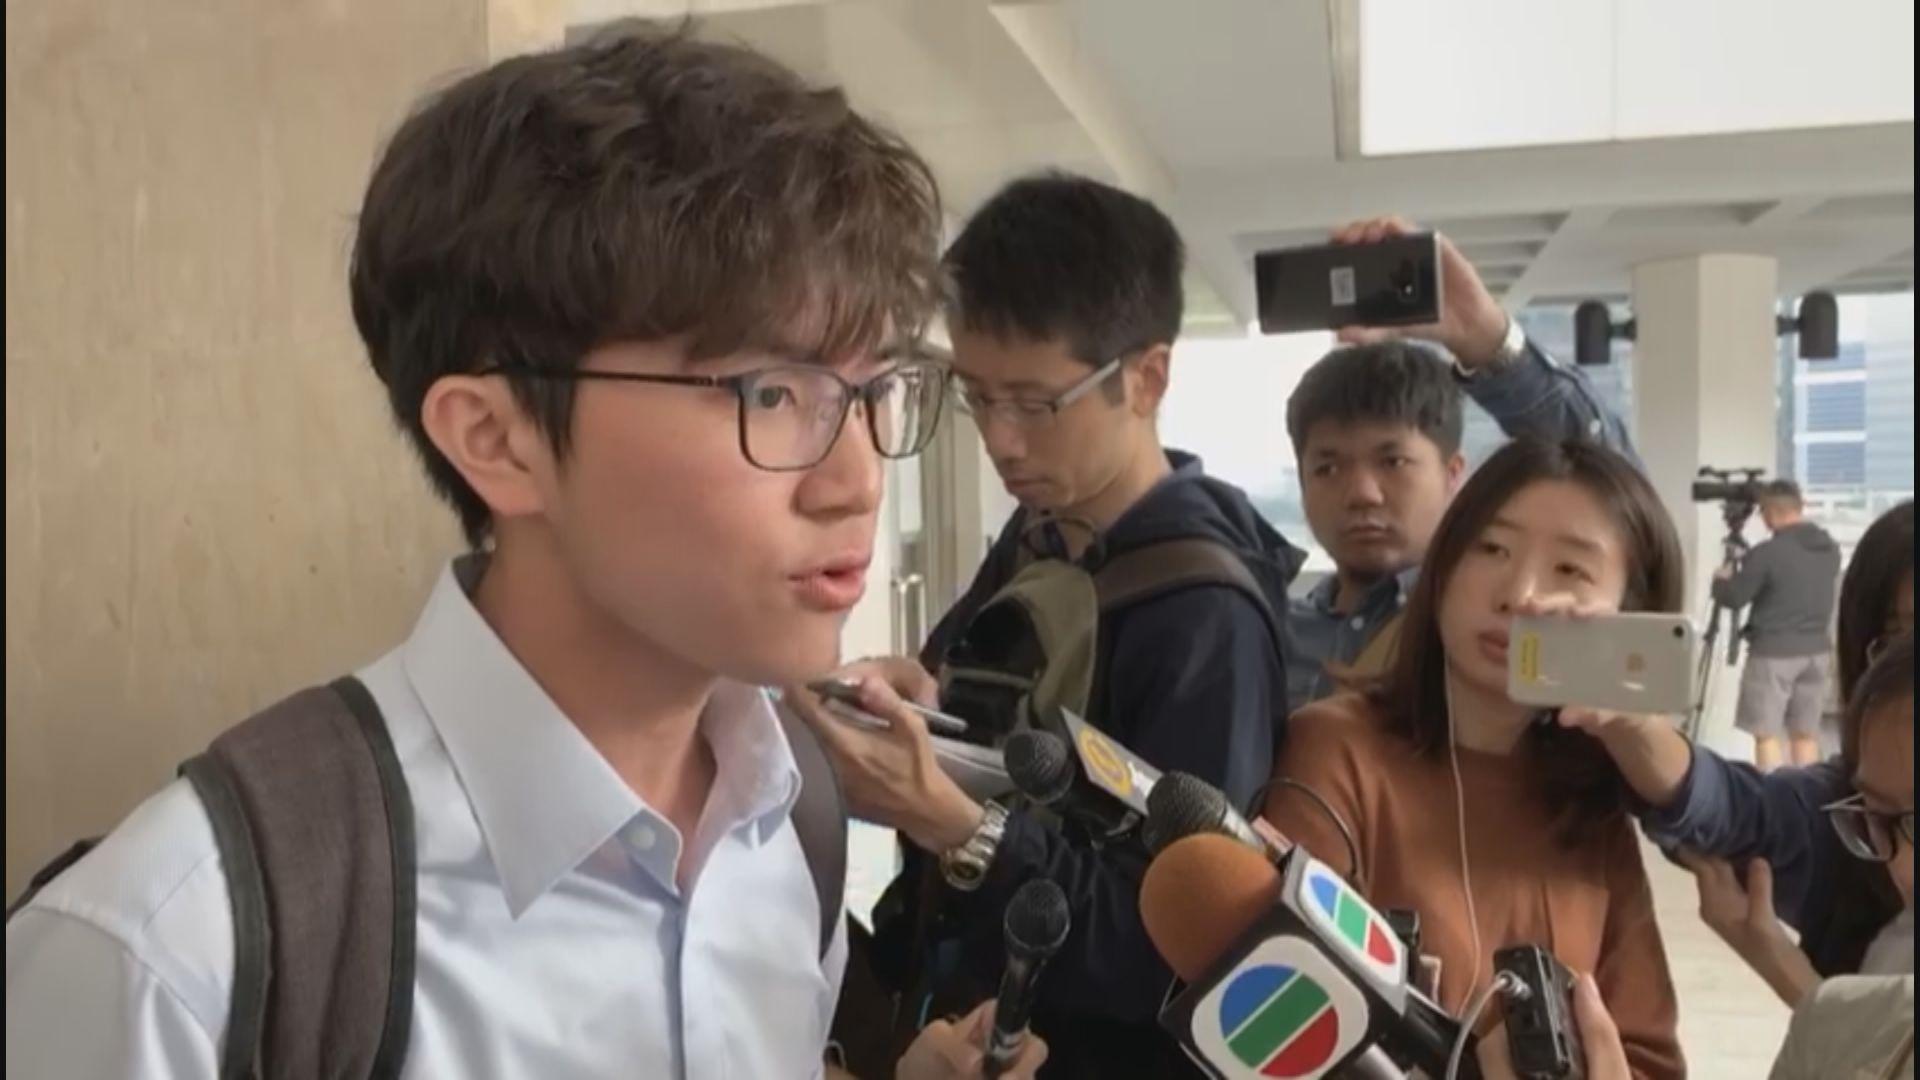 高院拒向中大學生會批出禁制令 禁警無搜查令入校園